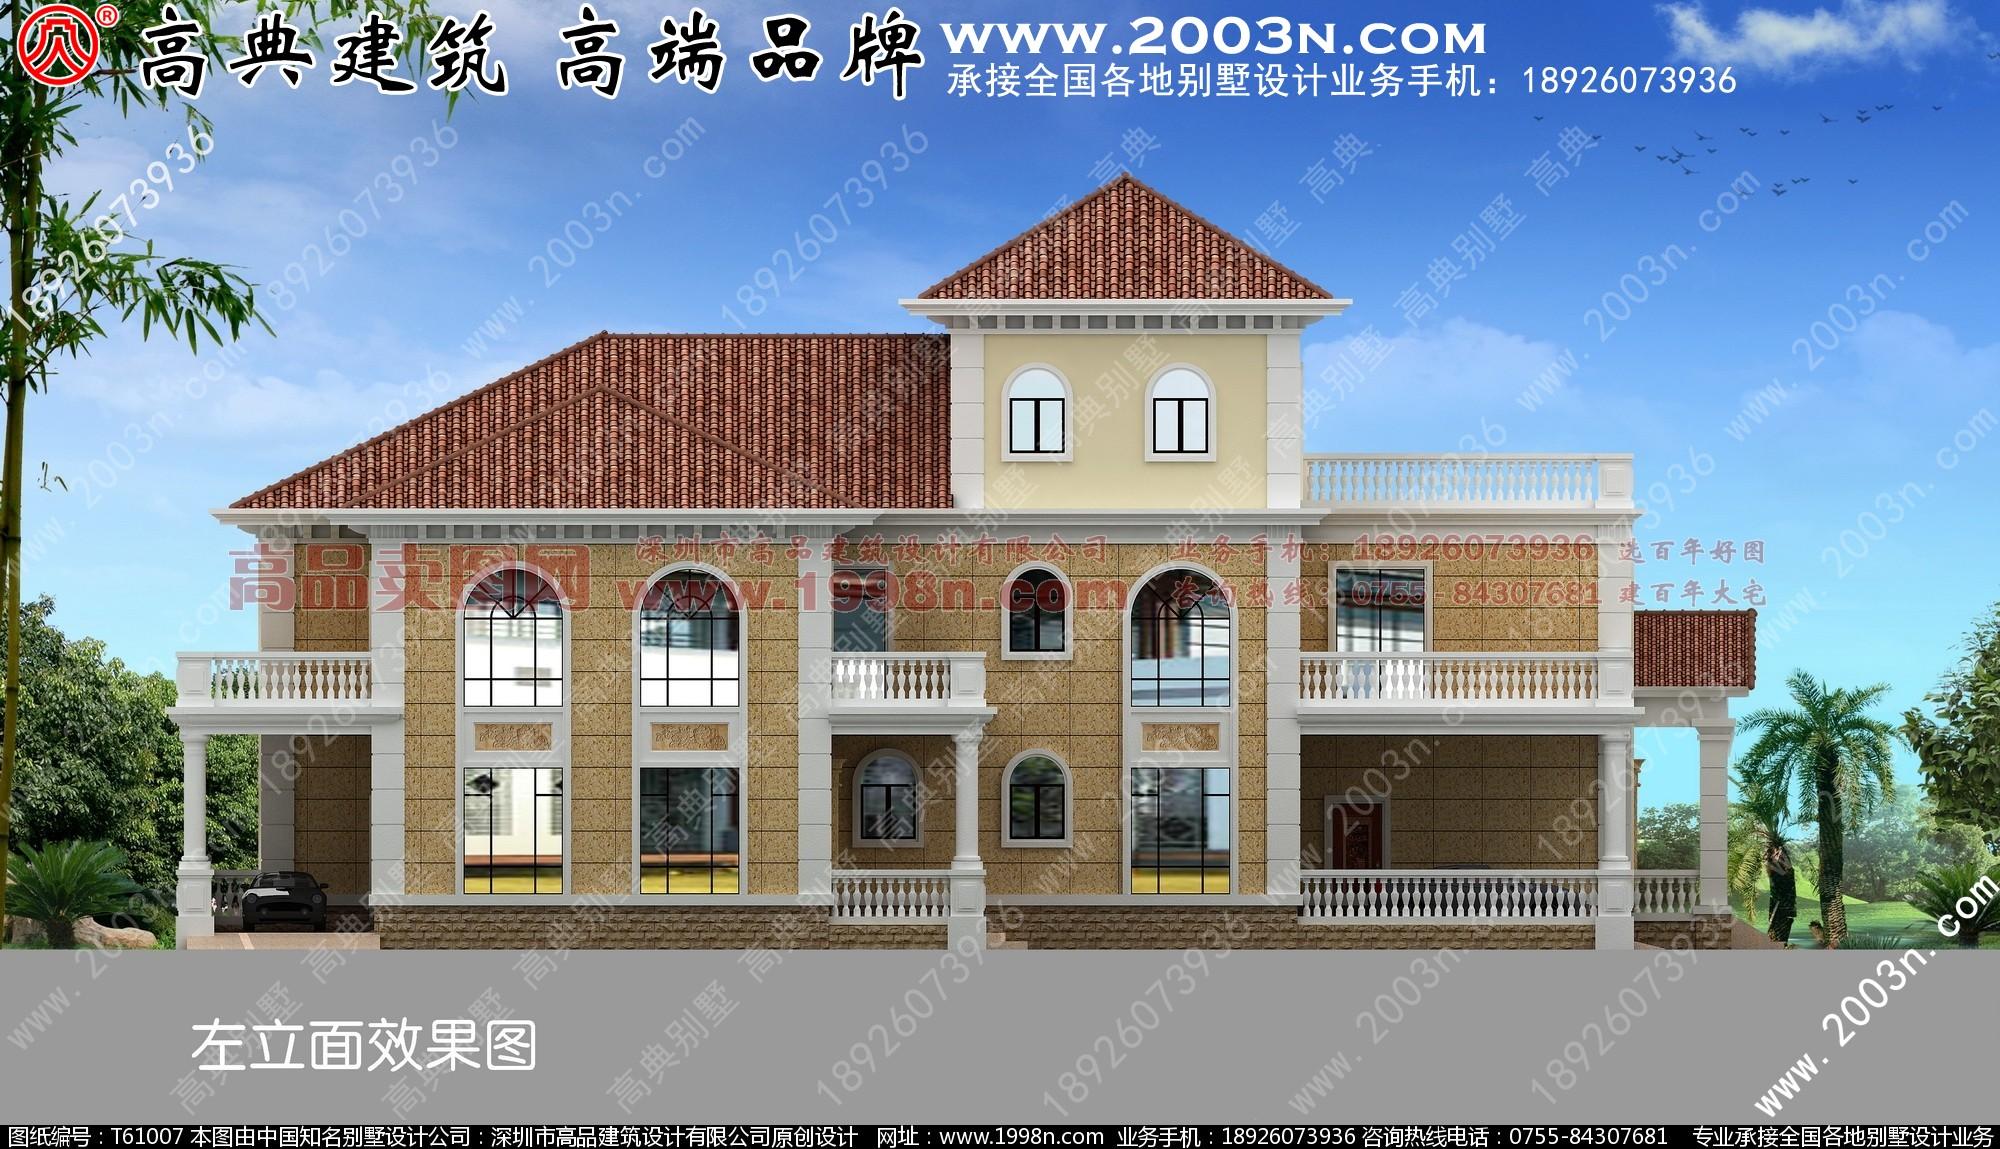 三层独栋别墅设计图 欧式别墅图纸大全